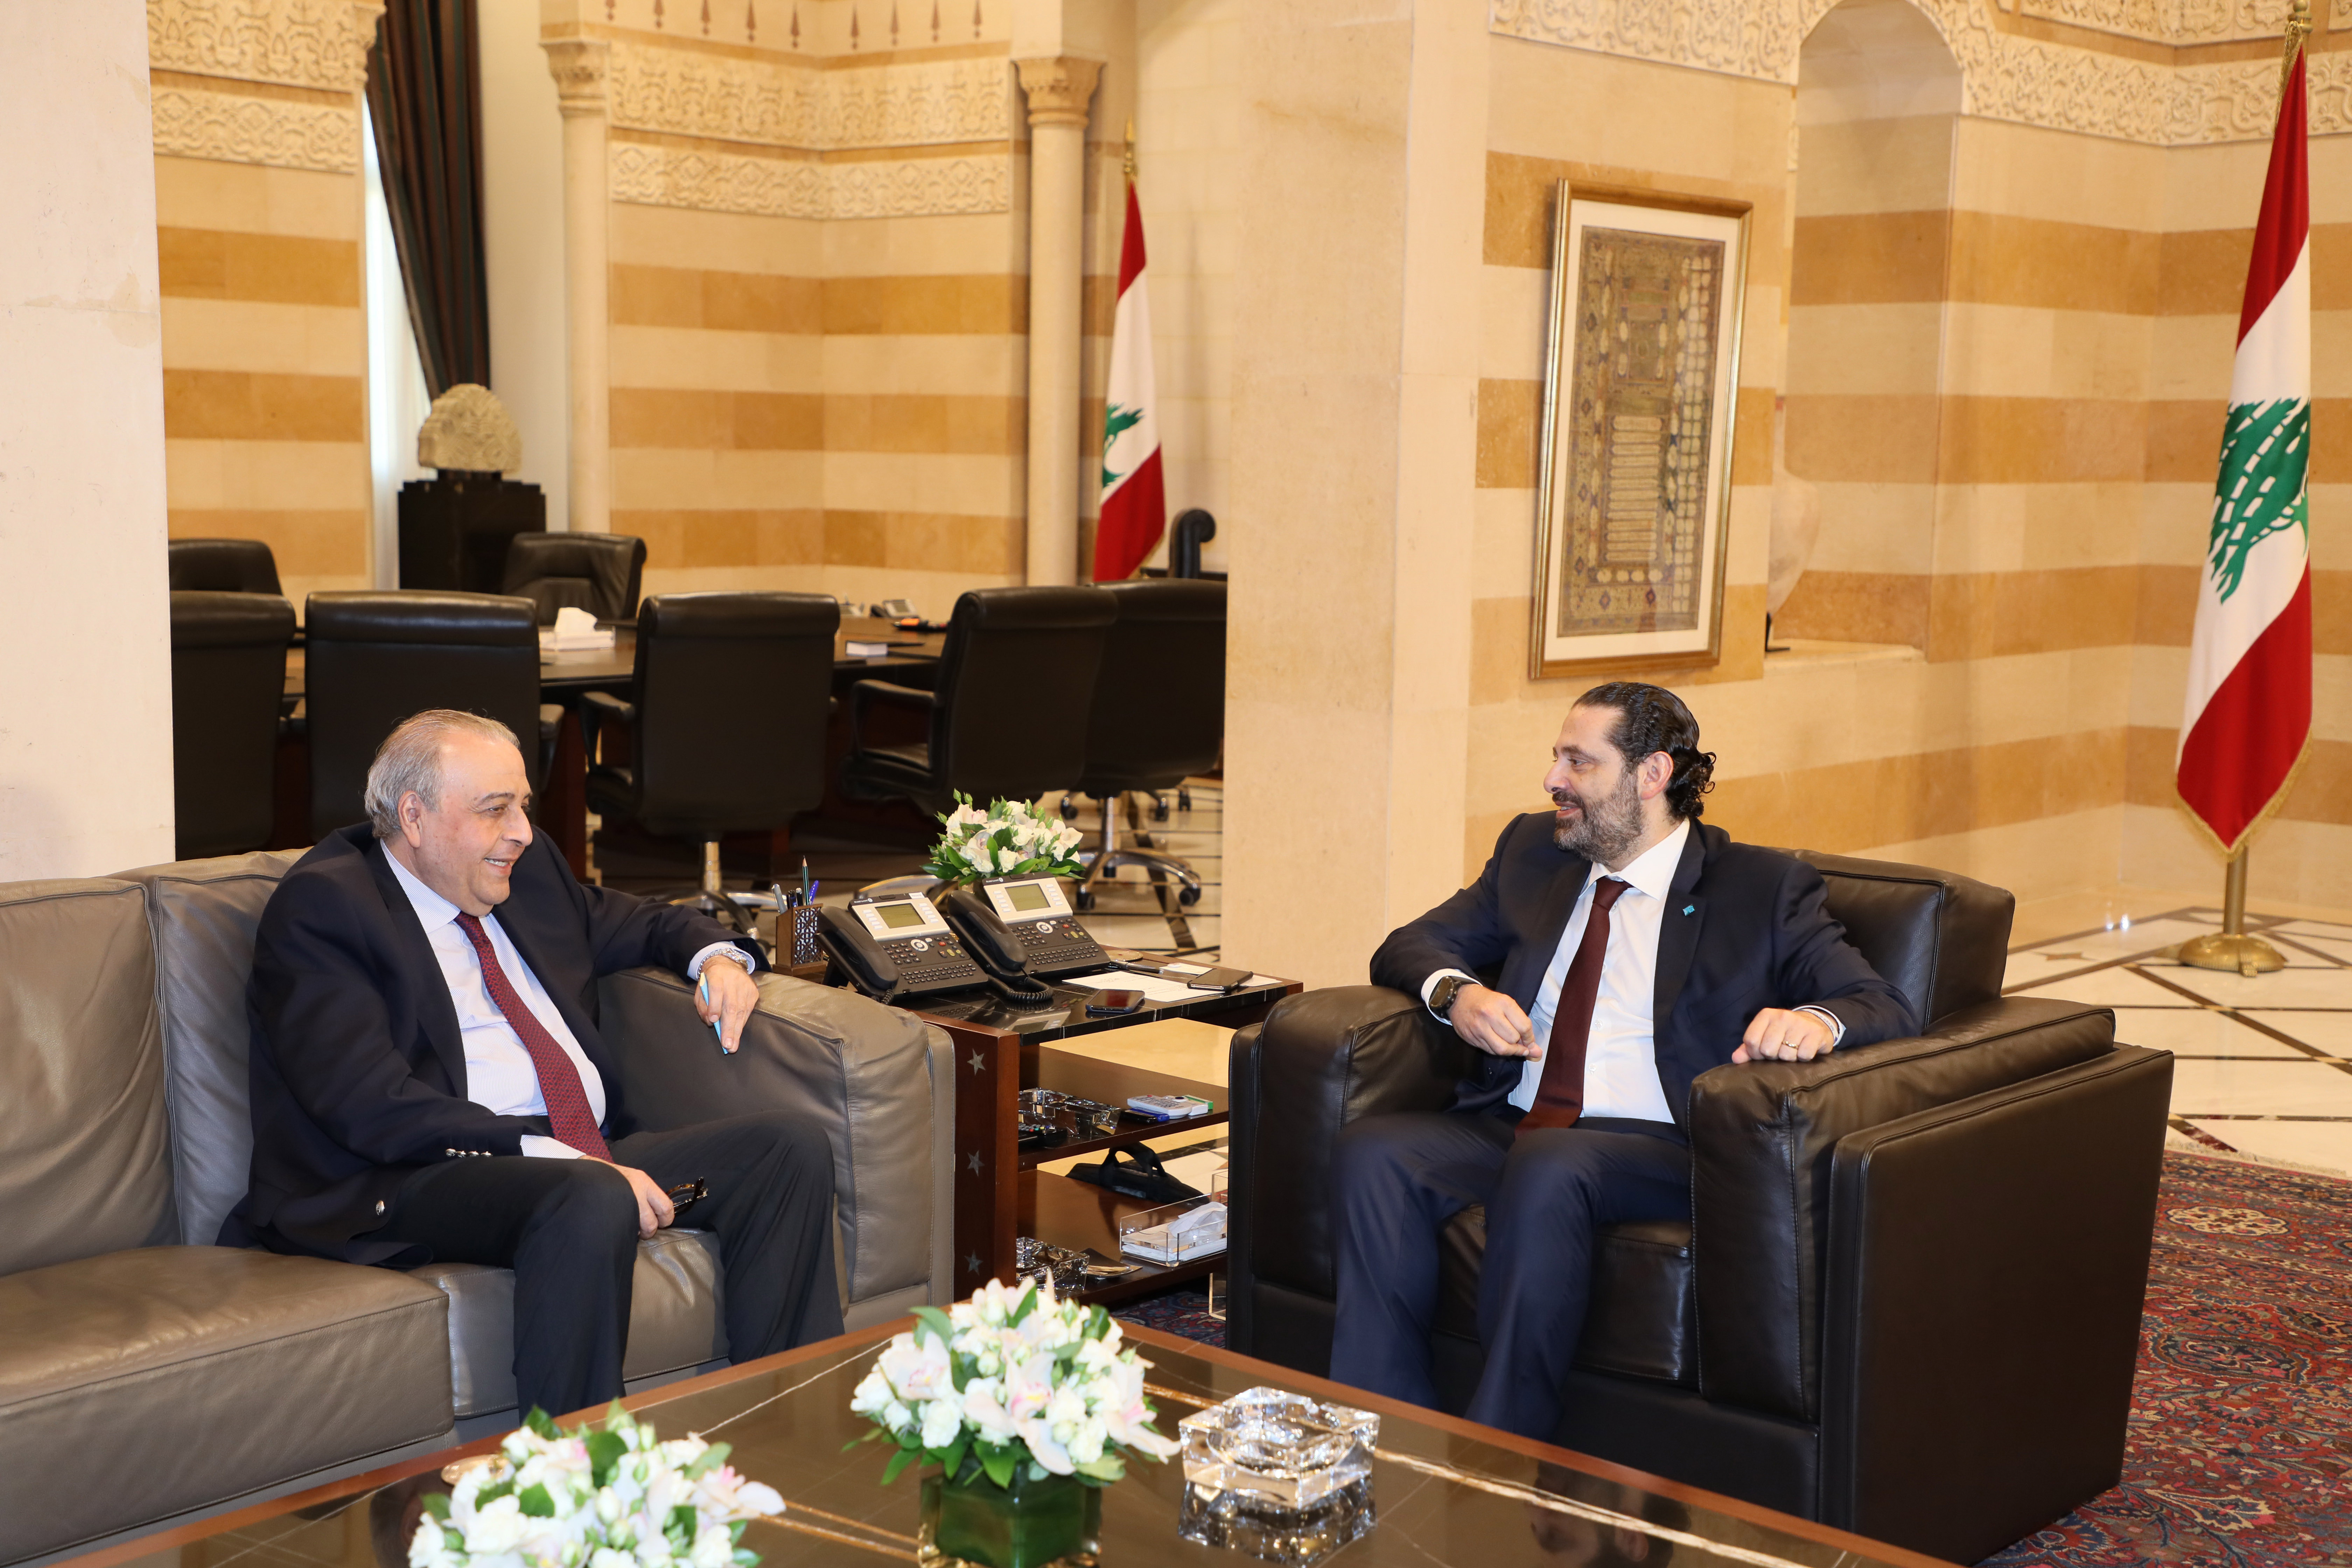 Pr Minister Saad Hariri meets Judje Imad Kabalan